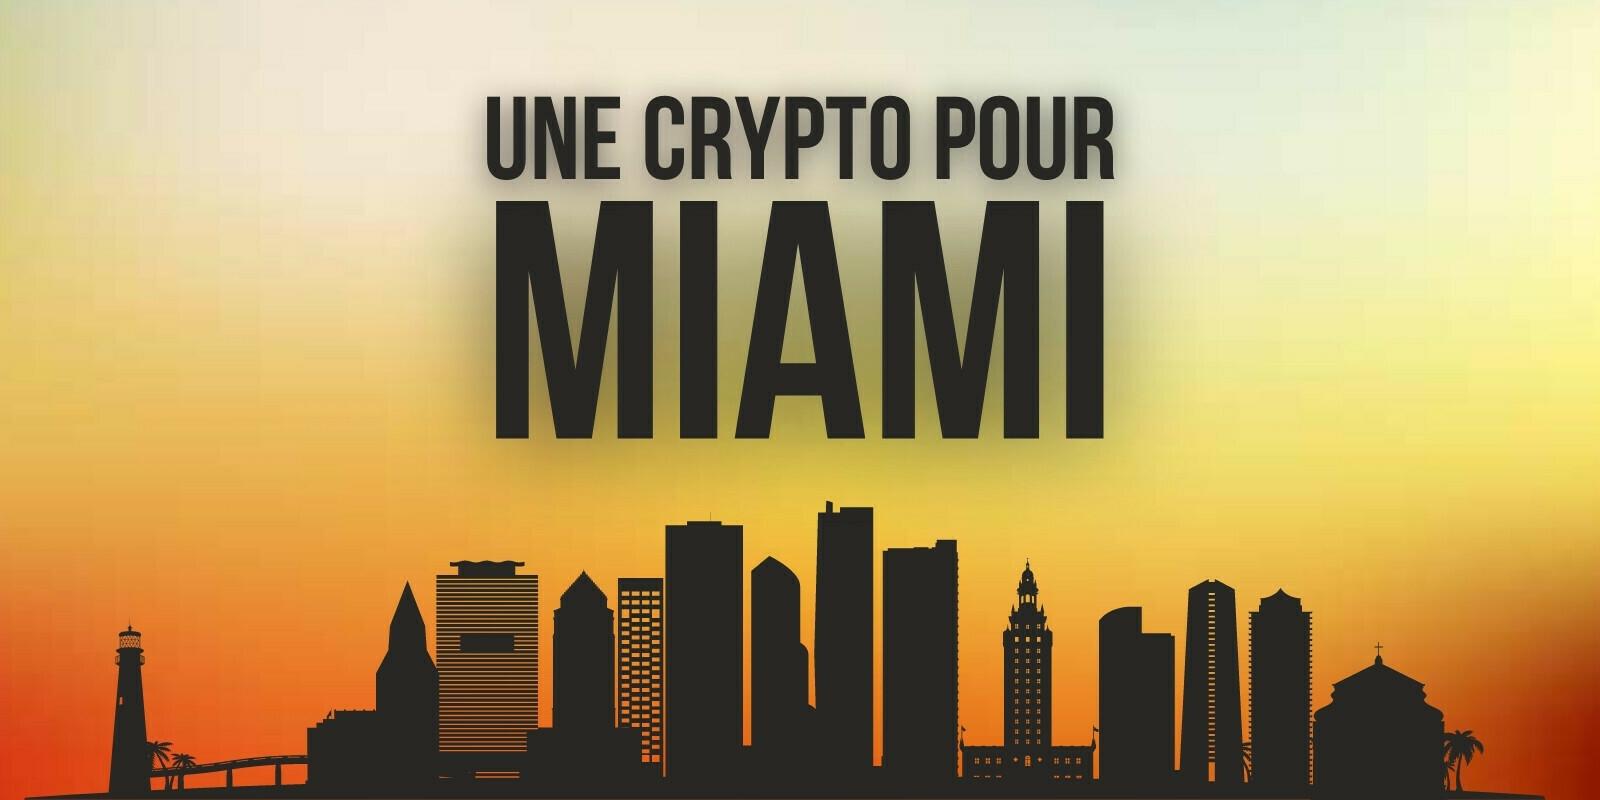 CityCoins lance une cryptomonnaie pour la ville de Miami: le MiamiCoin